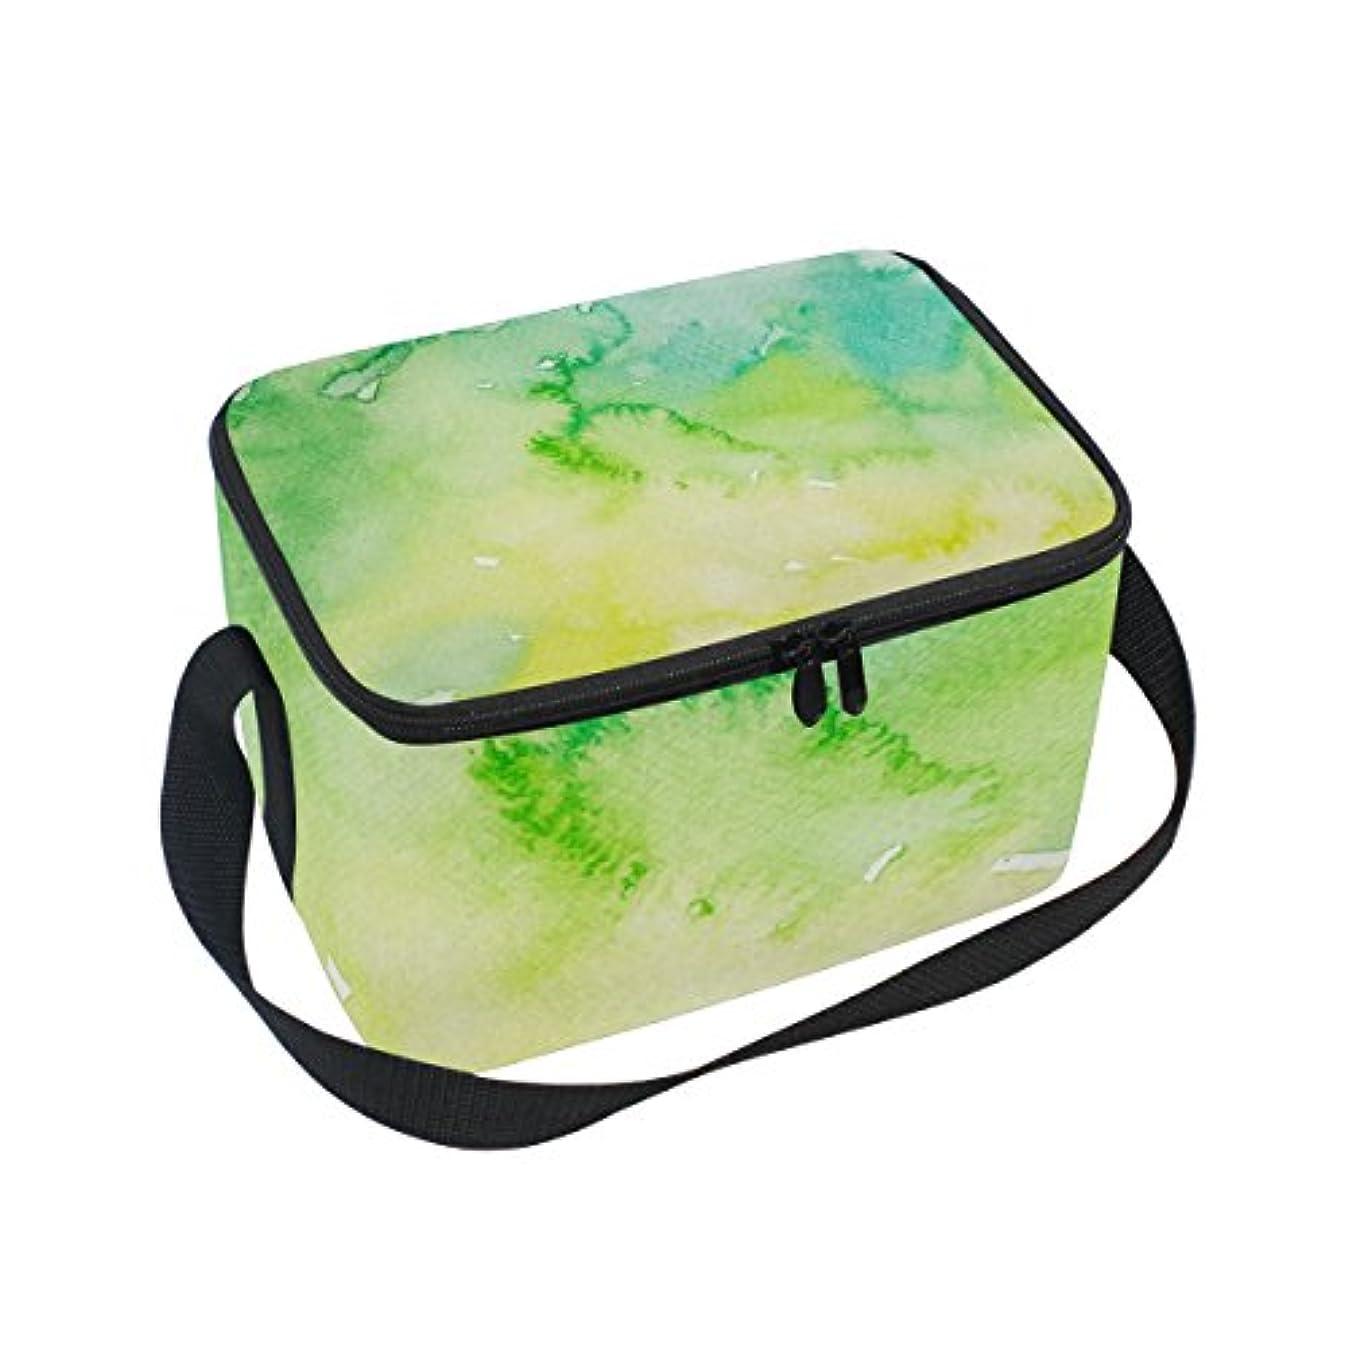 パッケージ月曜悩むクーラーバッグ クーラーボックス ソフトクーラ 冷蔵ボックス キャンプ用品 インク 緑 保冷保温 大容量 肩掛け お花見 アウトドア